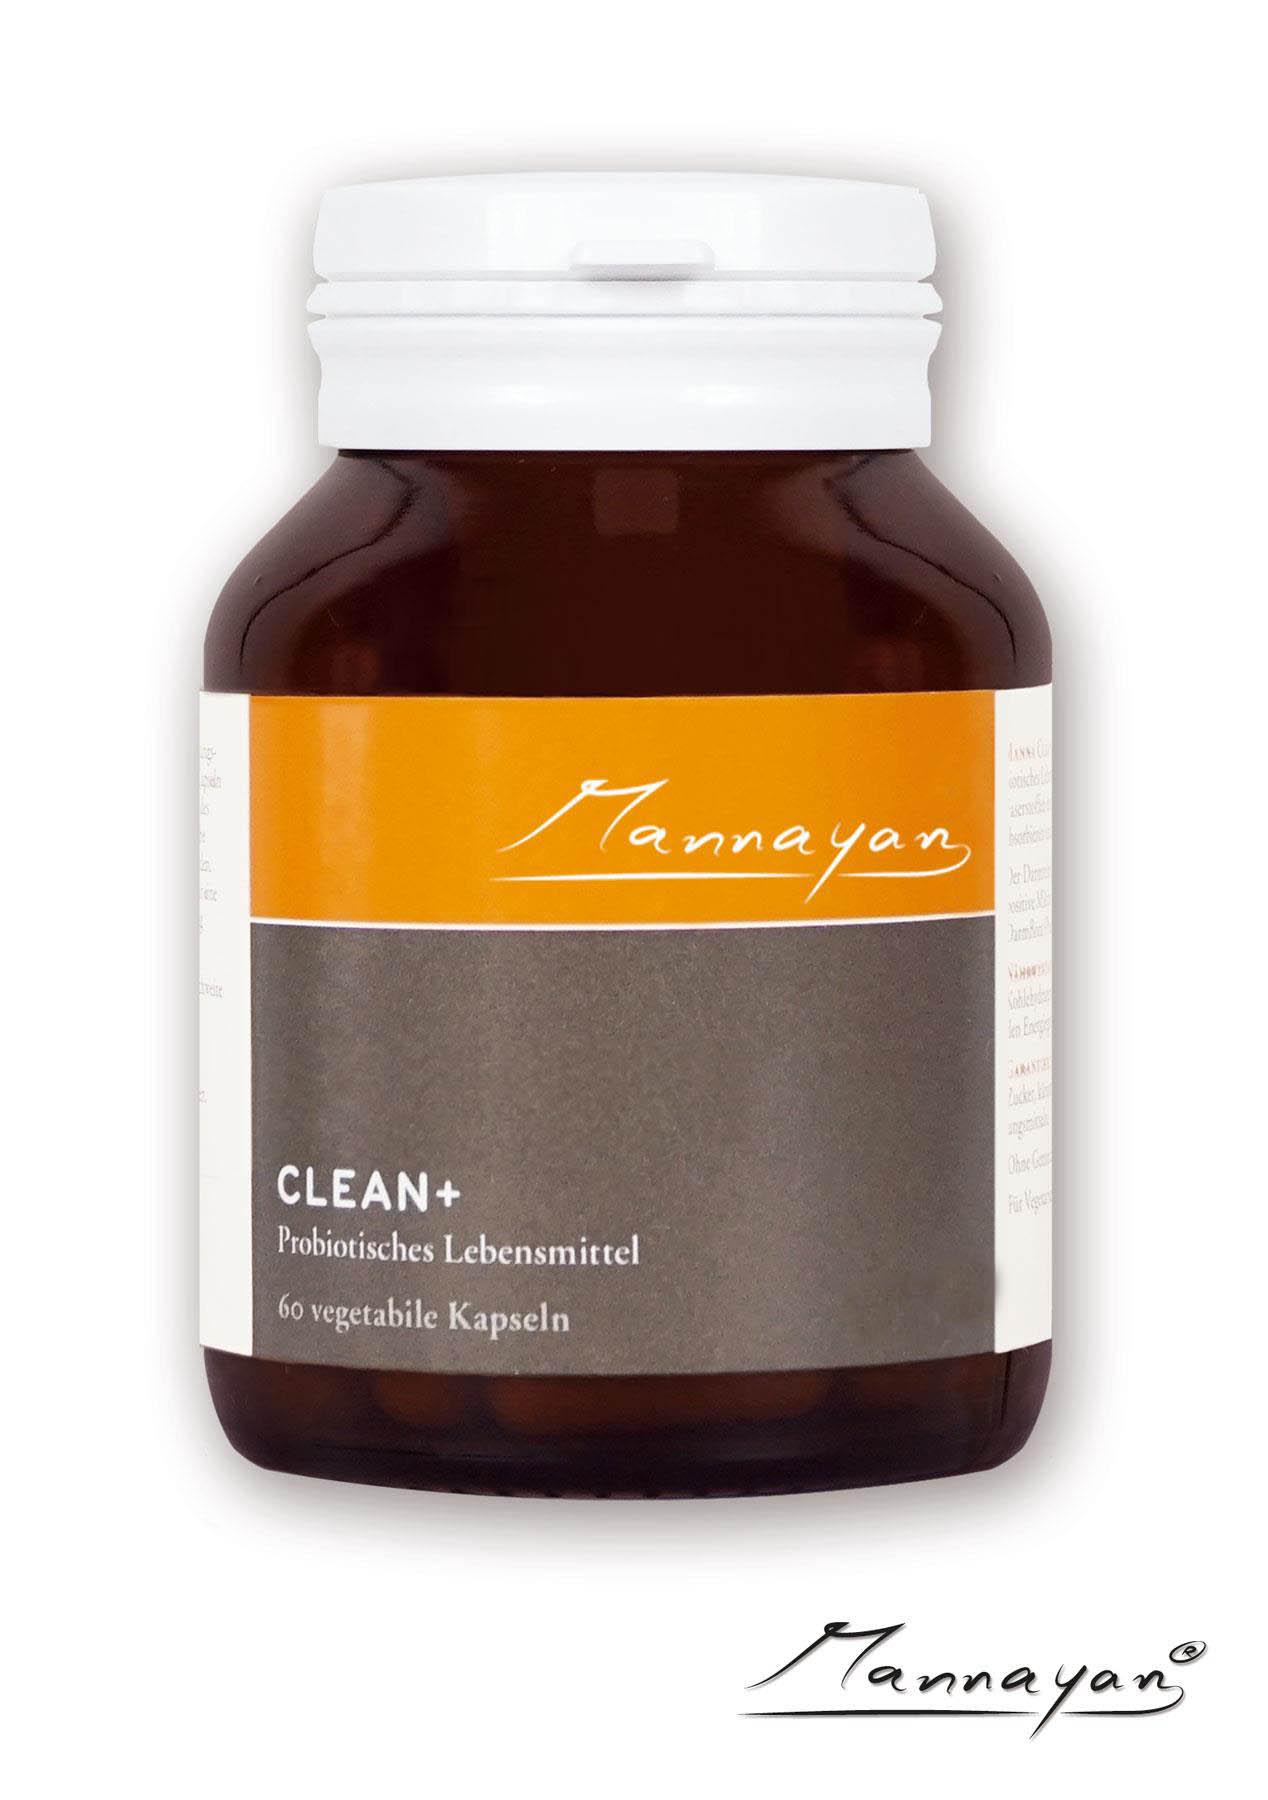 Clean+ von Mannayan